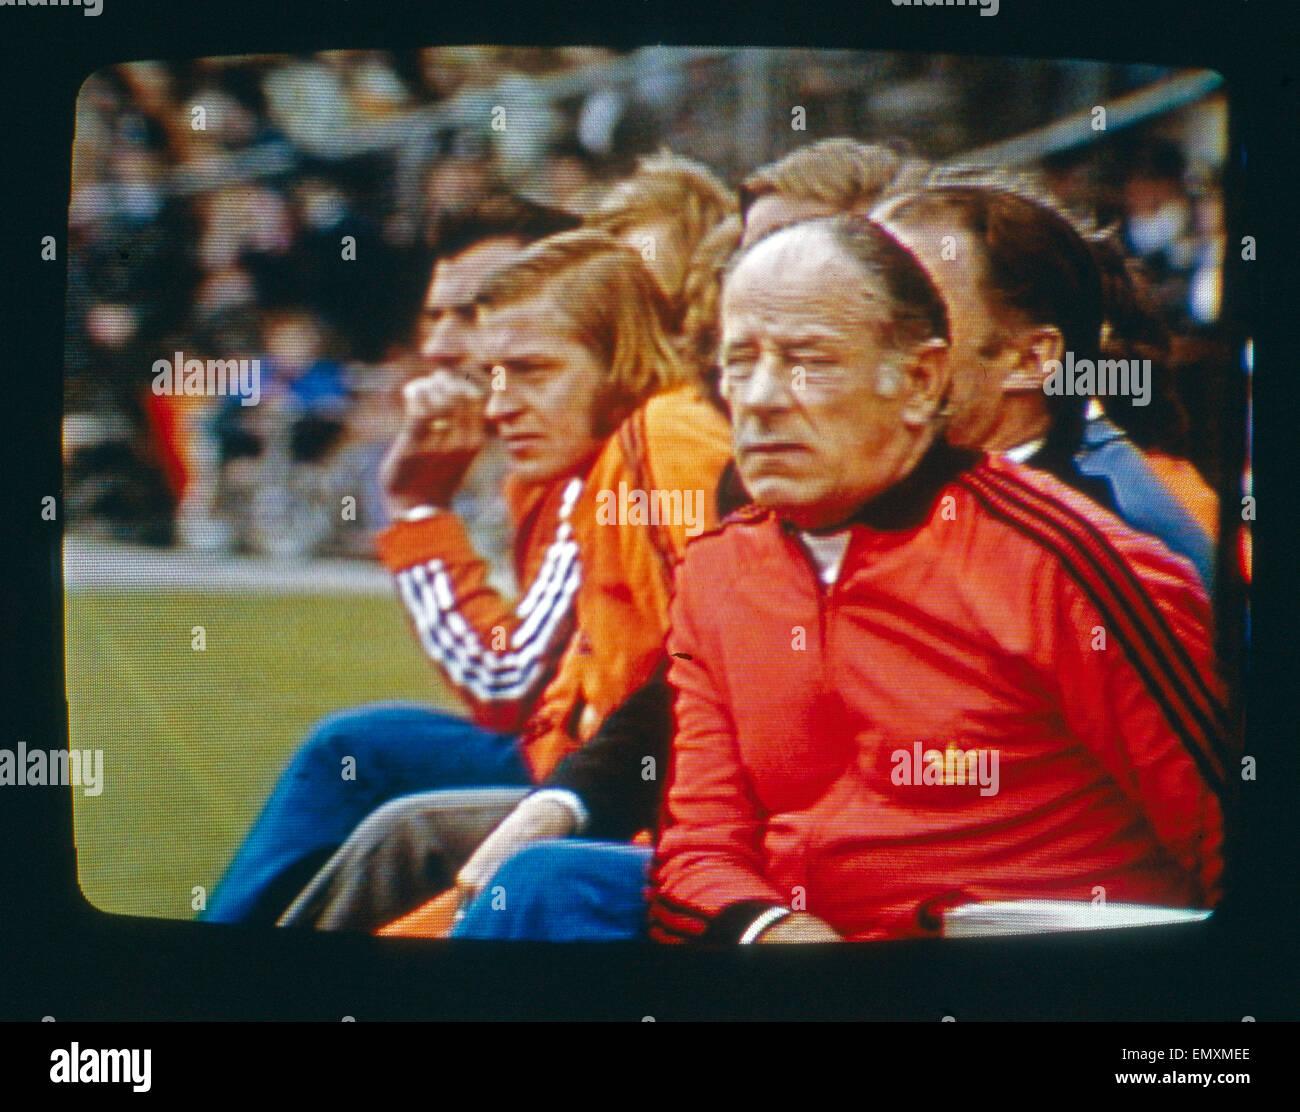 Fussball Weltmeisterschaft 1974 Stock Photos Fussball